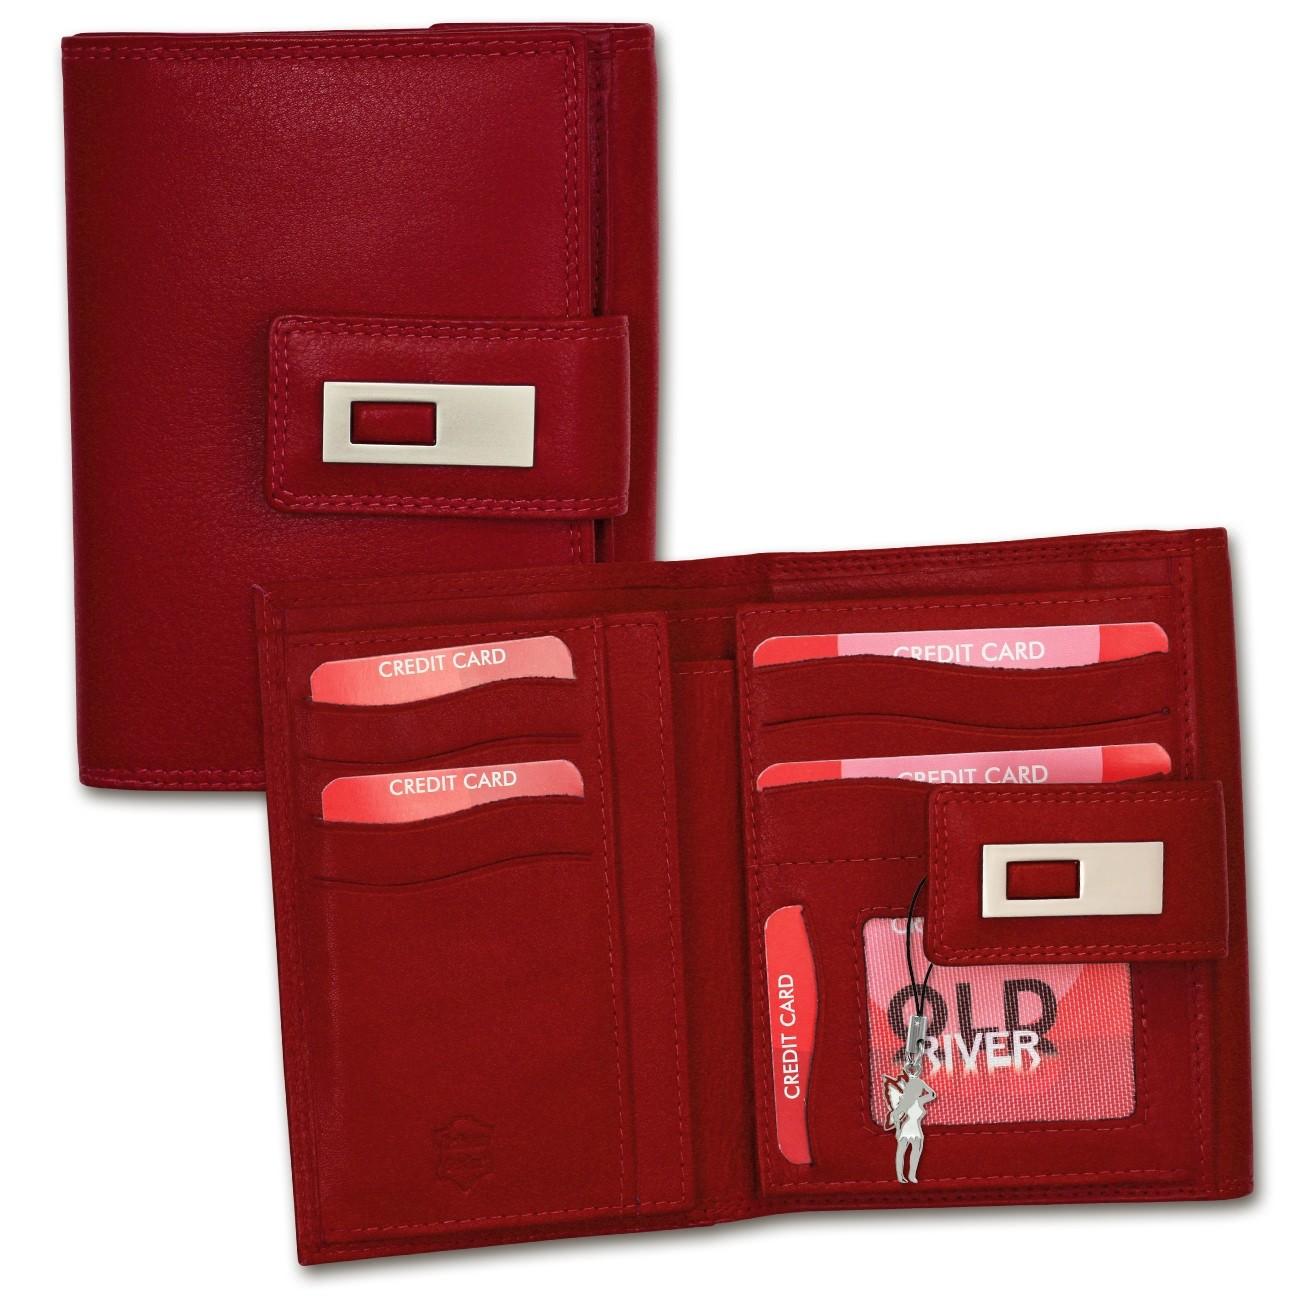 Geldbörse Leder rot XL Brieftasche Portemonnaie Old River OPD701R